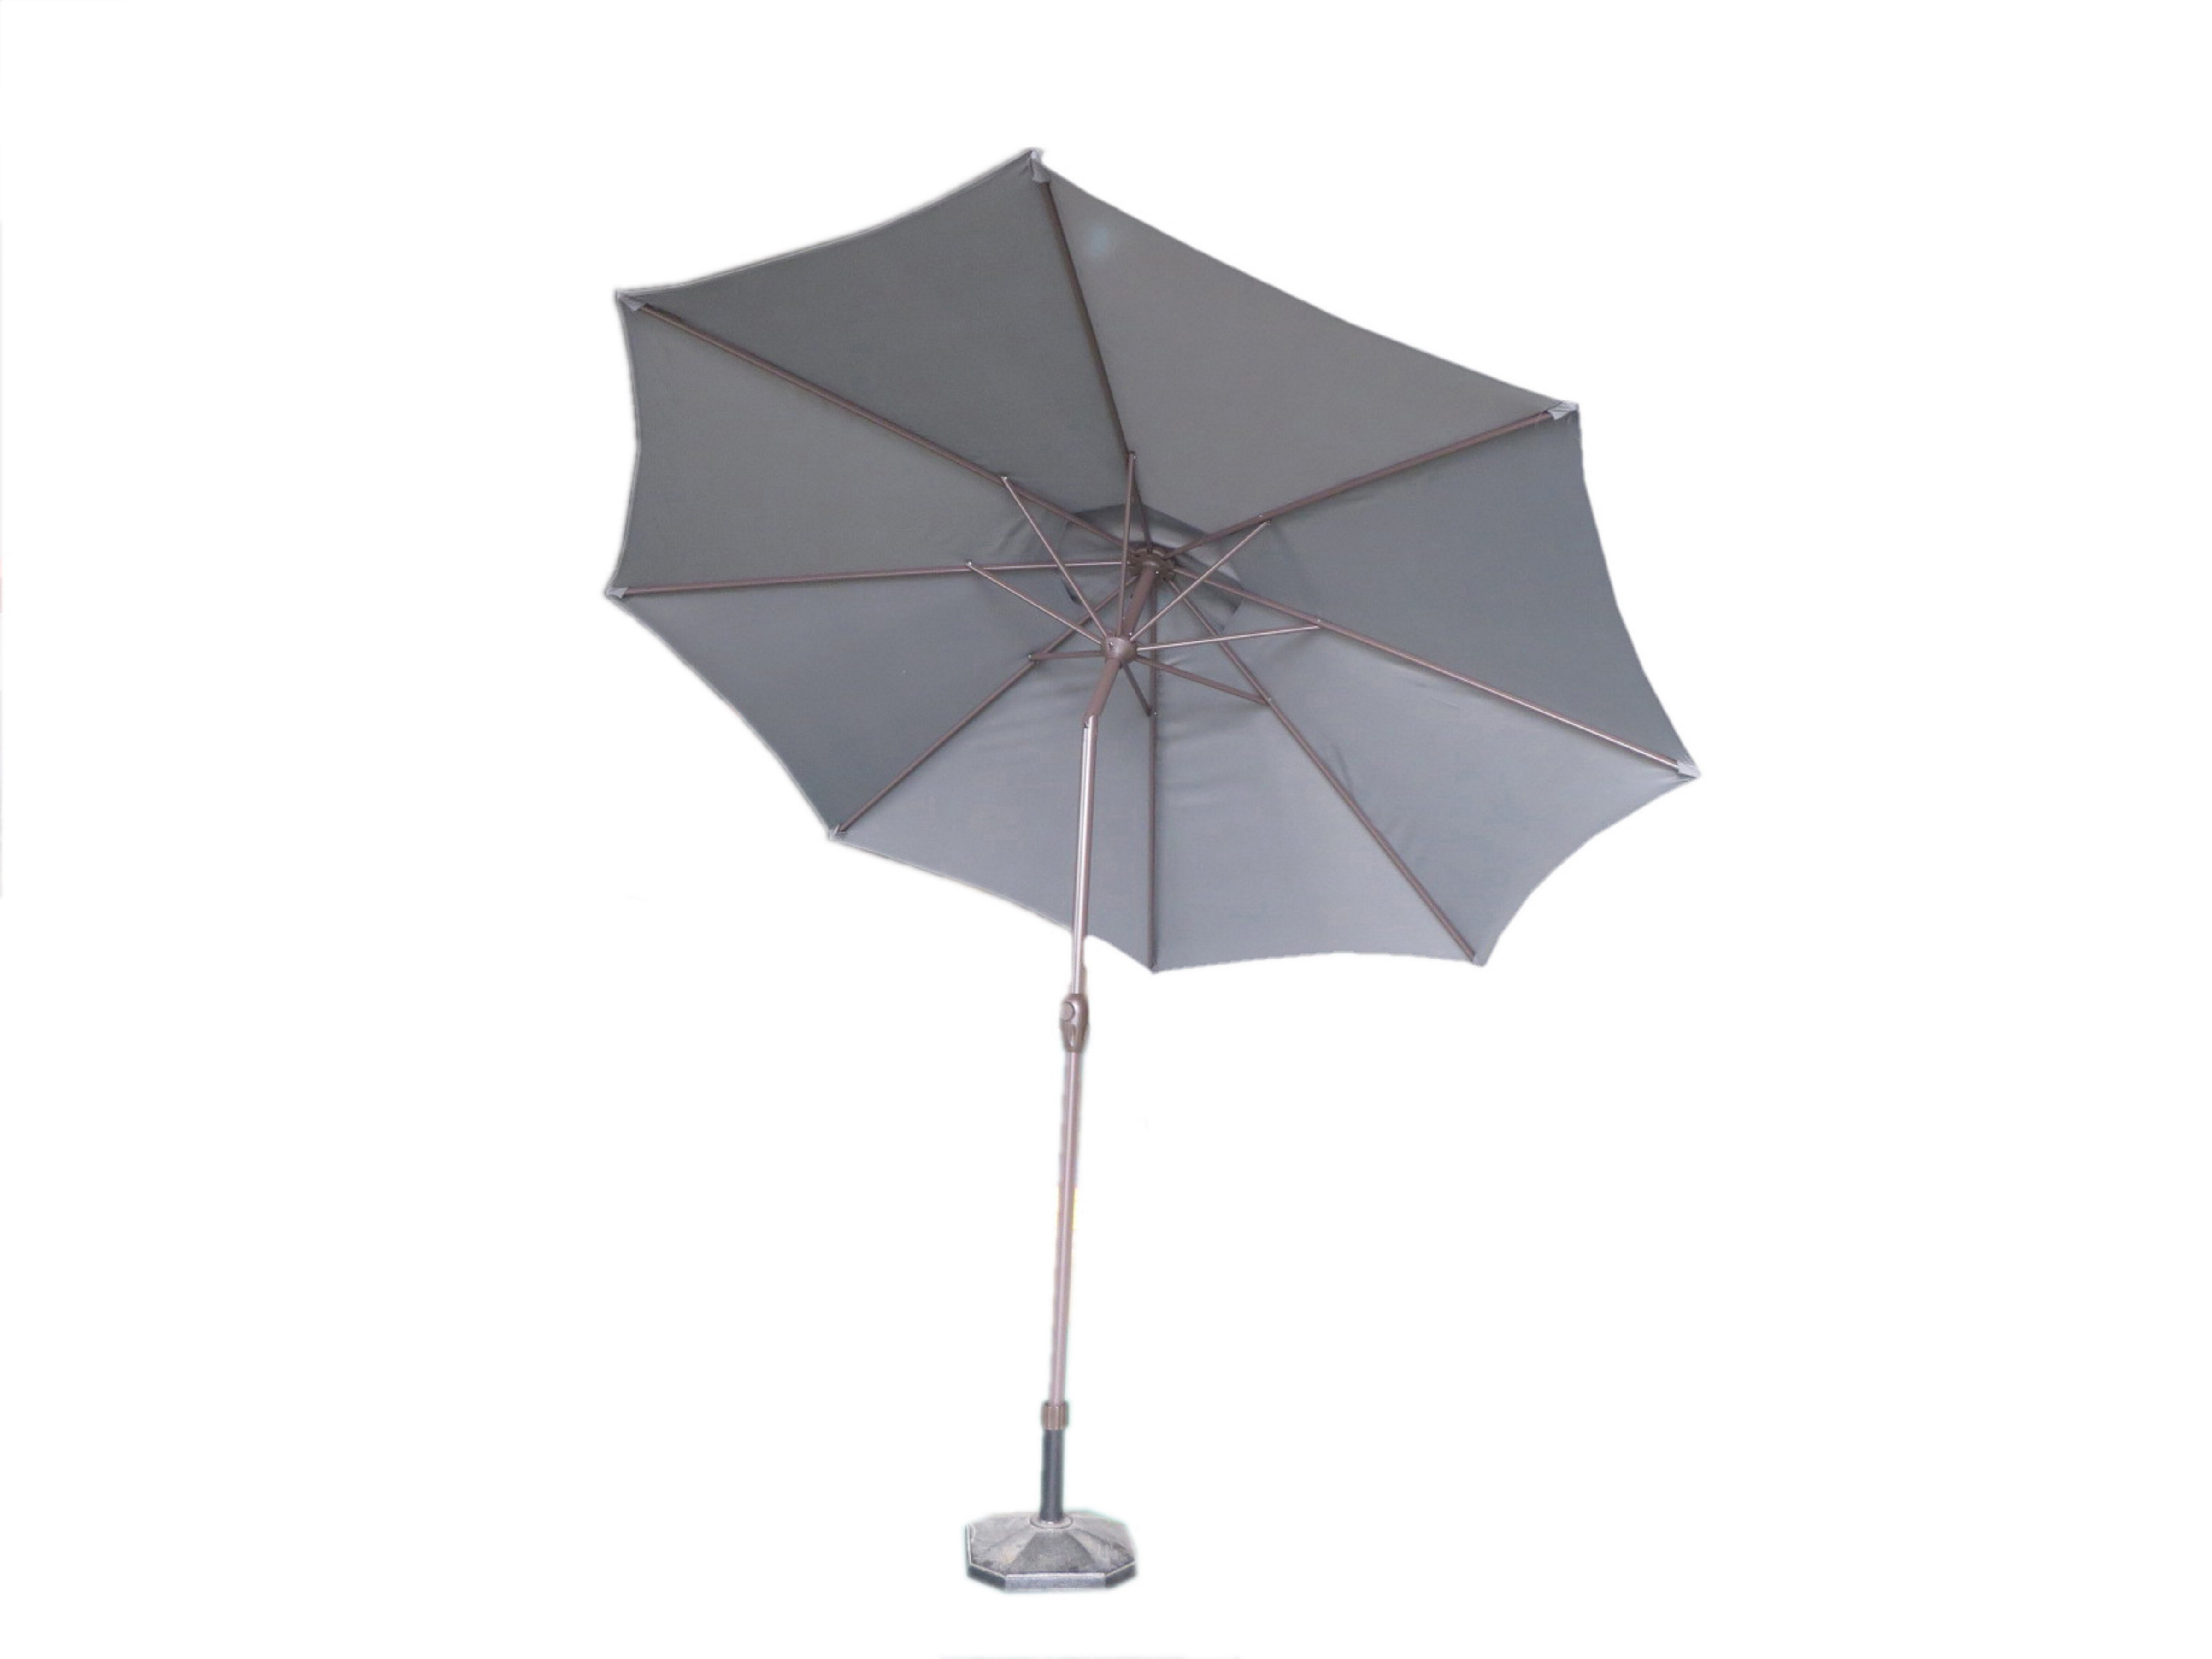 Brame Market Umbrellas For Preferred Lodd Market Umbrella (View 4 of 20)